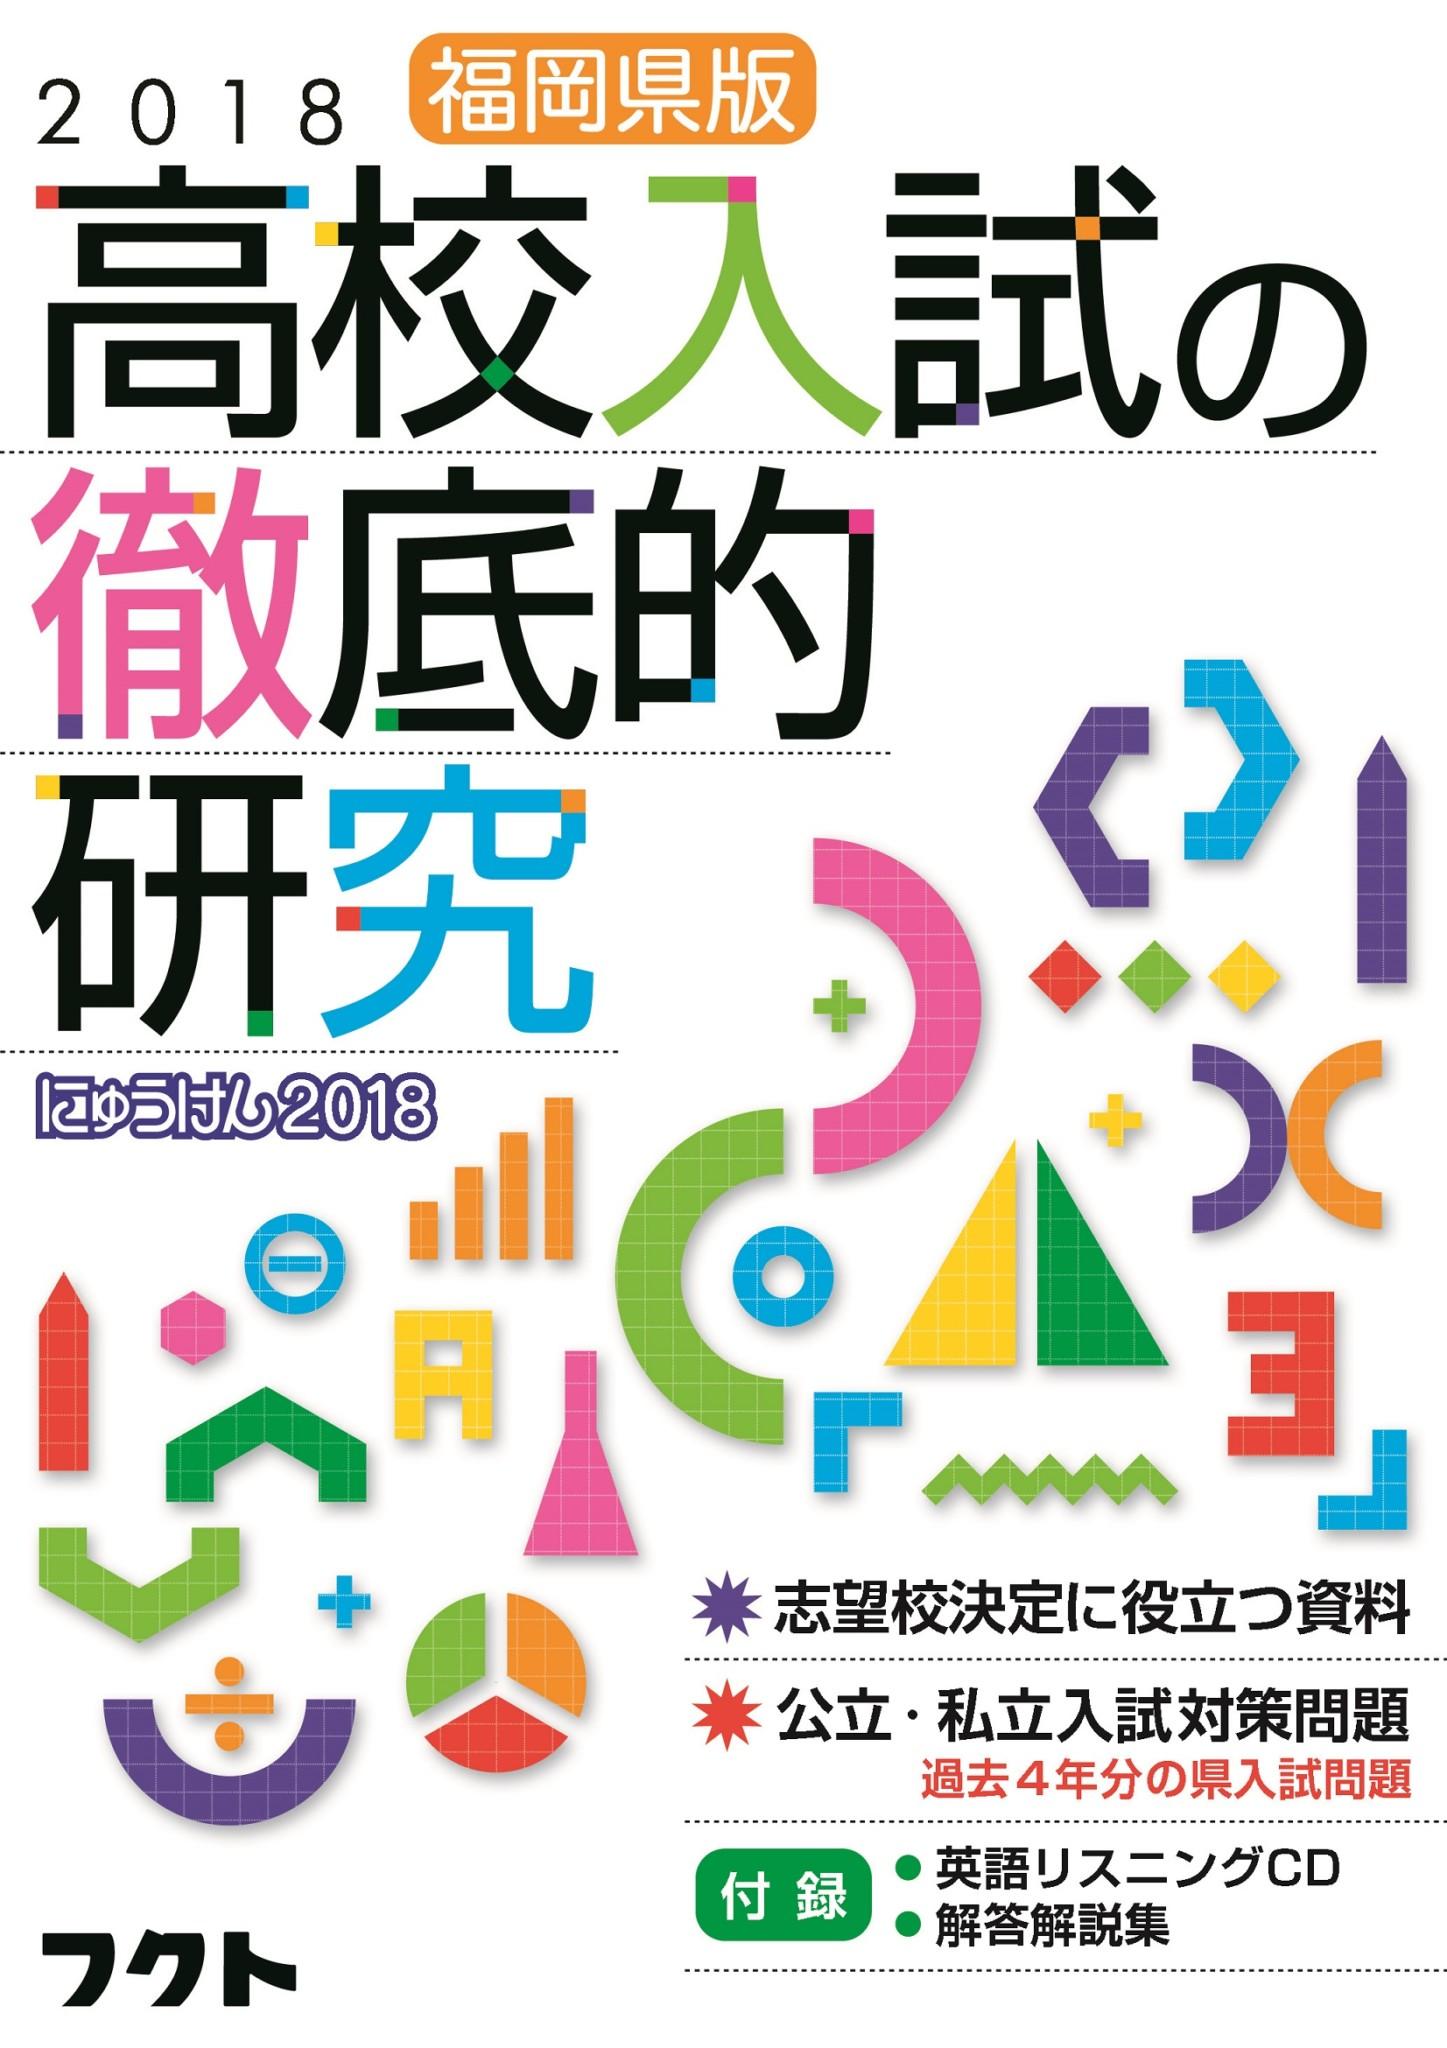 福岡県版 高校入試の徹底的研究 (英語リスニングCD付)